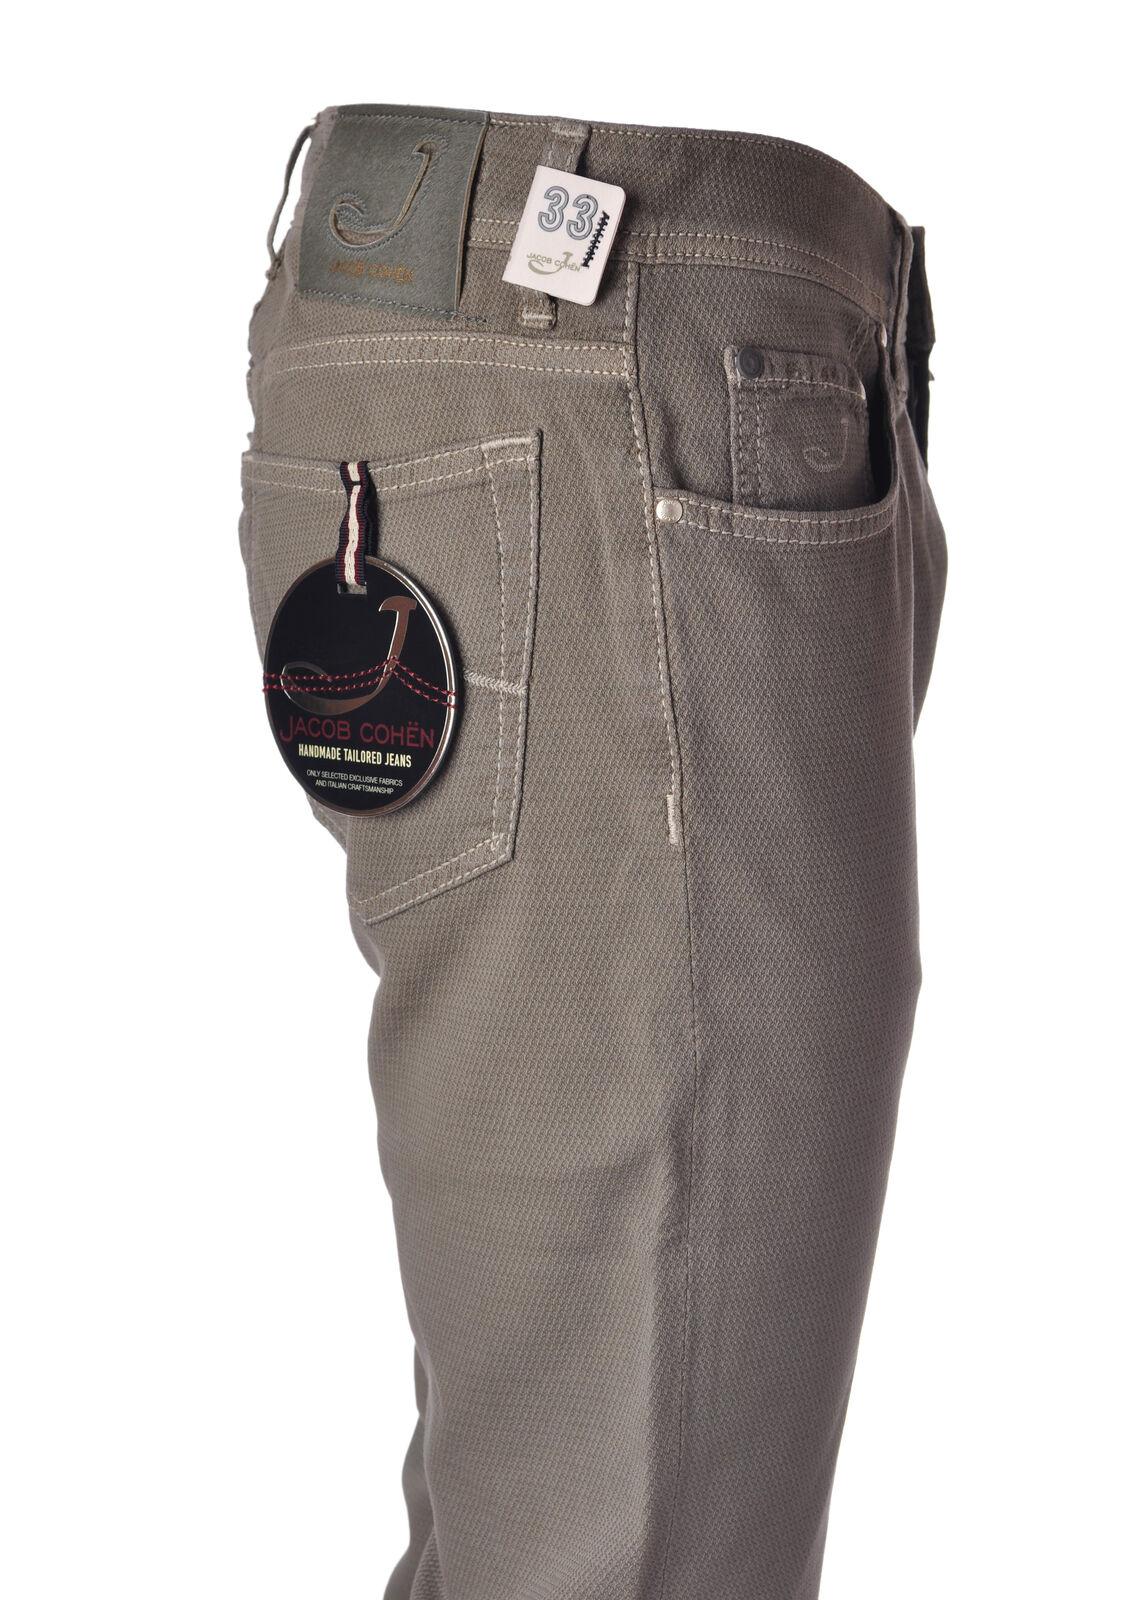 Jacob Cohen - Pants-Pants - Man - Grey - 4904731G184704